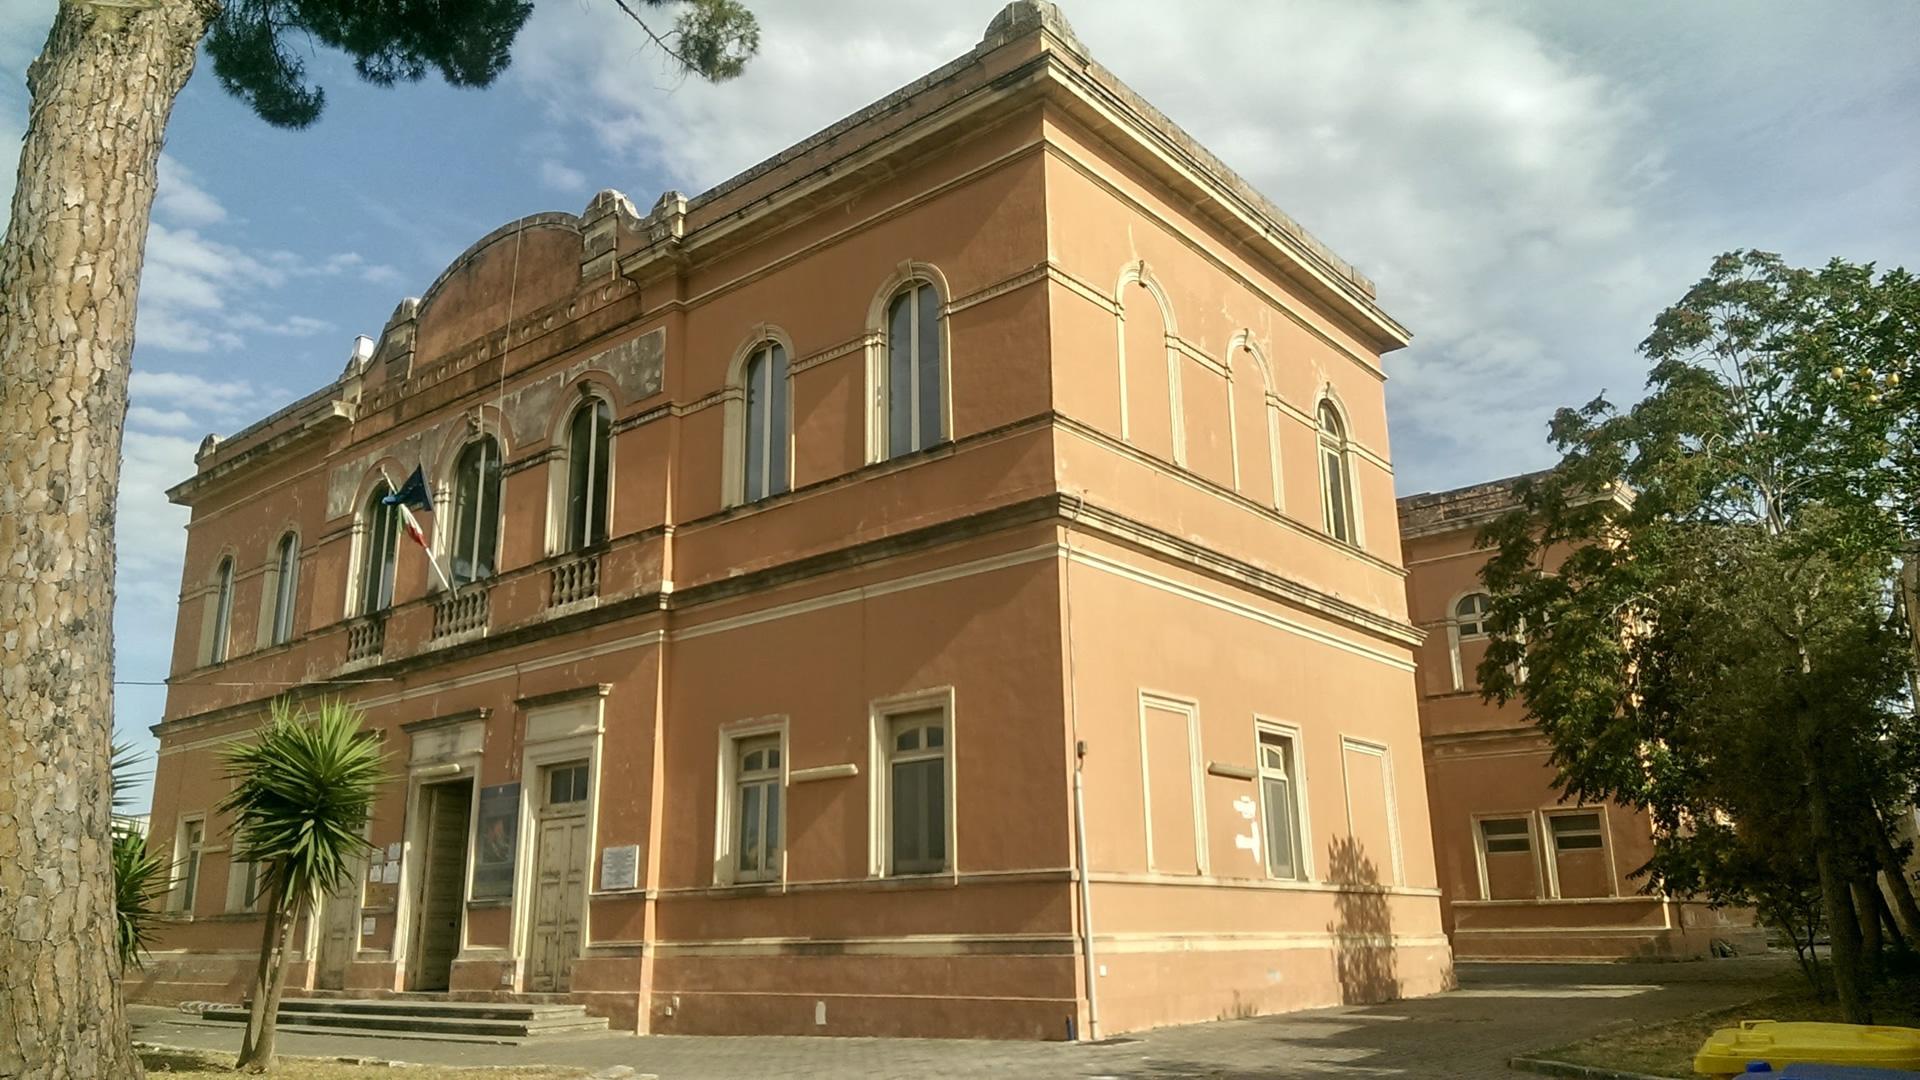 Progetto Definitivo ed Esecutivo di Riqualificazione di un Edificio Scolastico - ALEZIO (LE) Italy